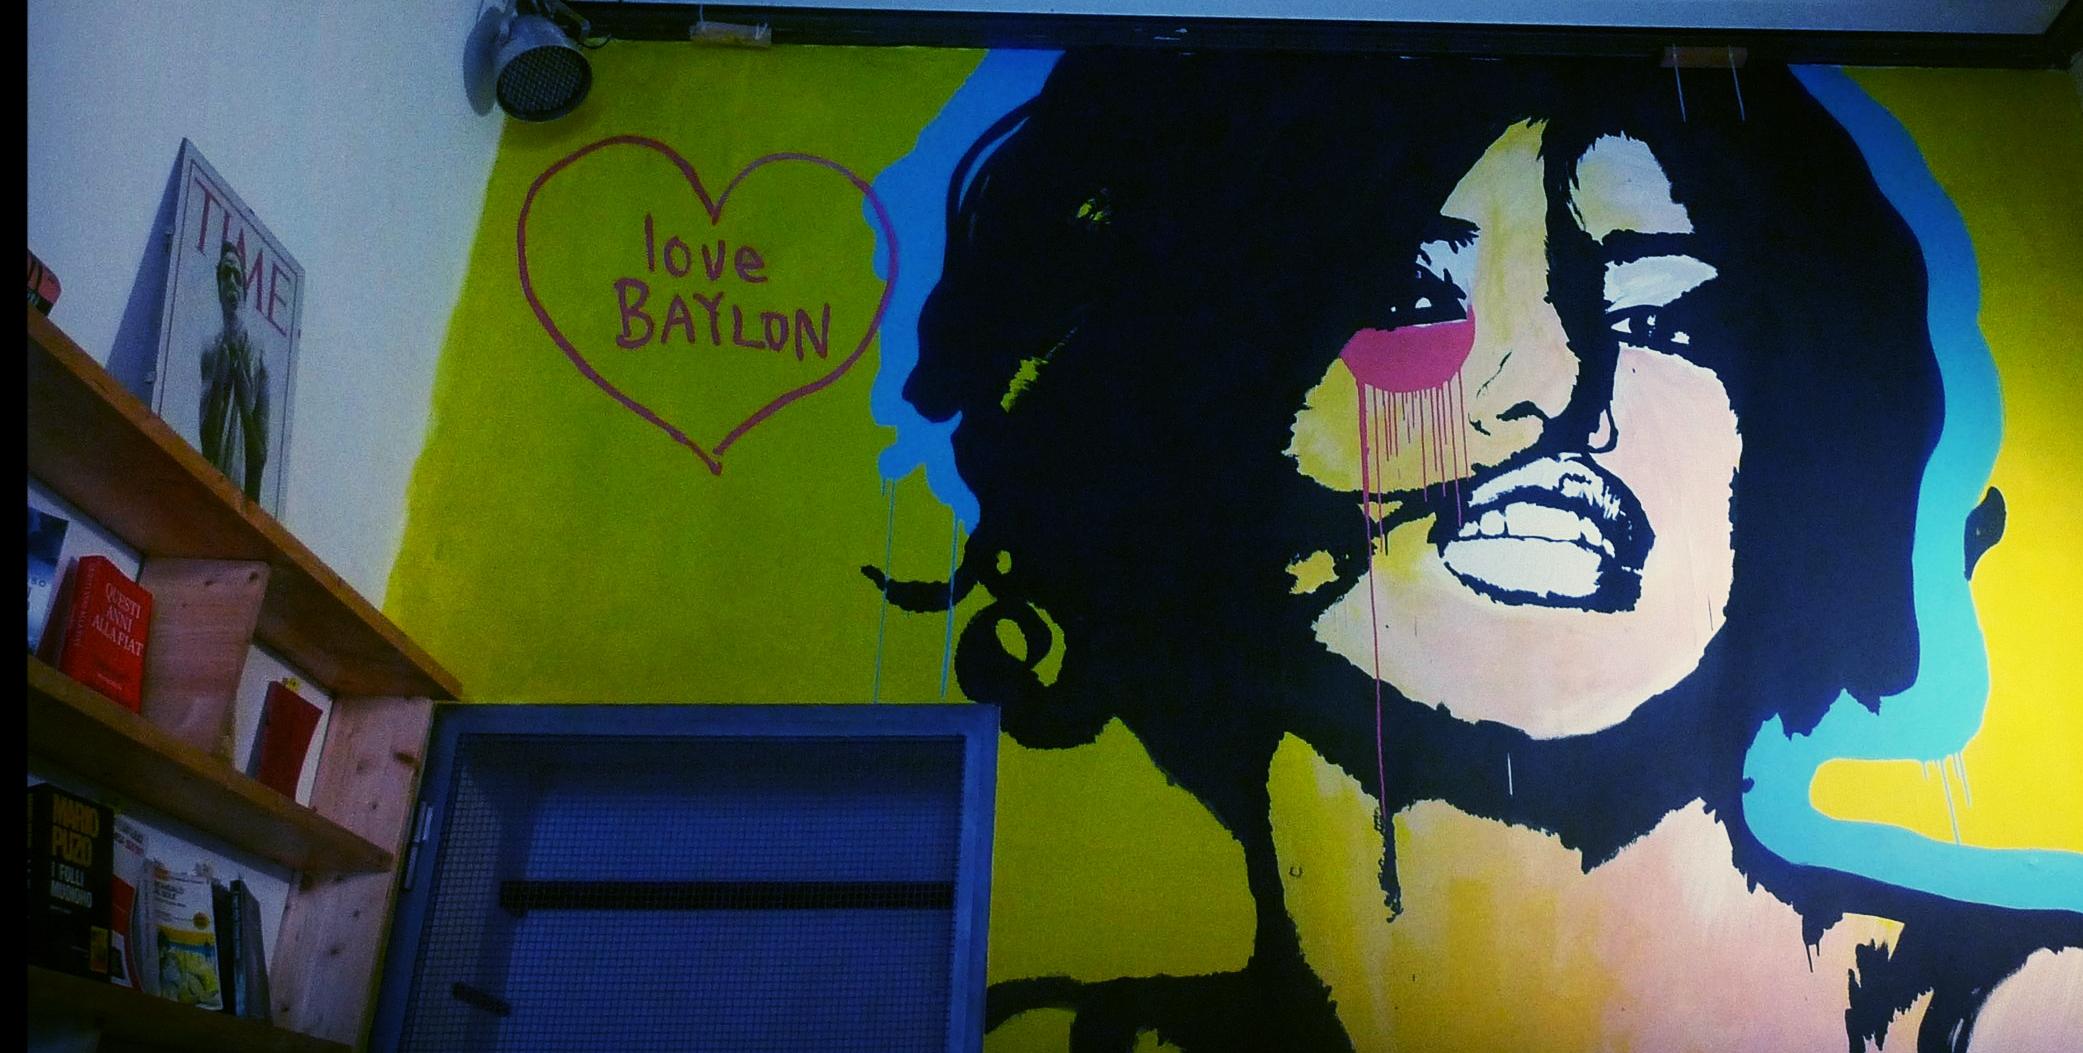 Baylon Cafe